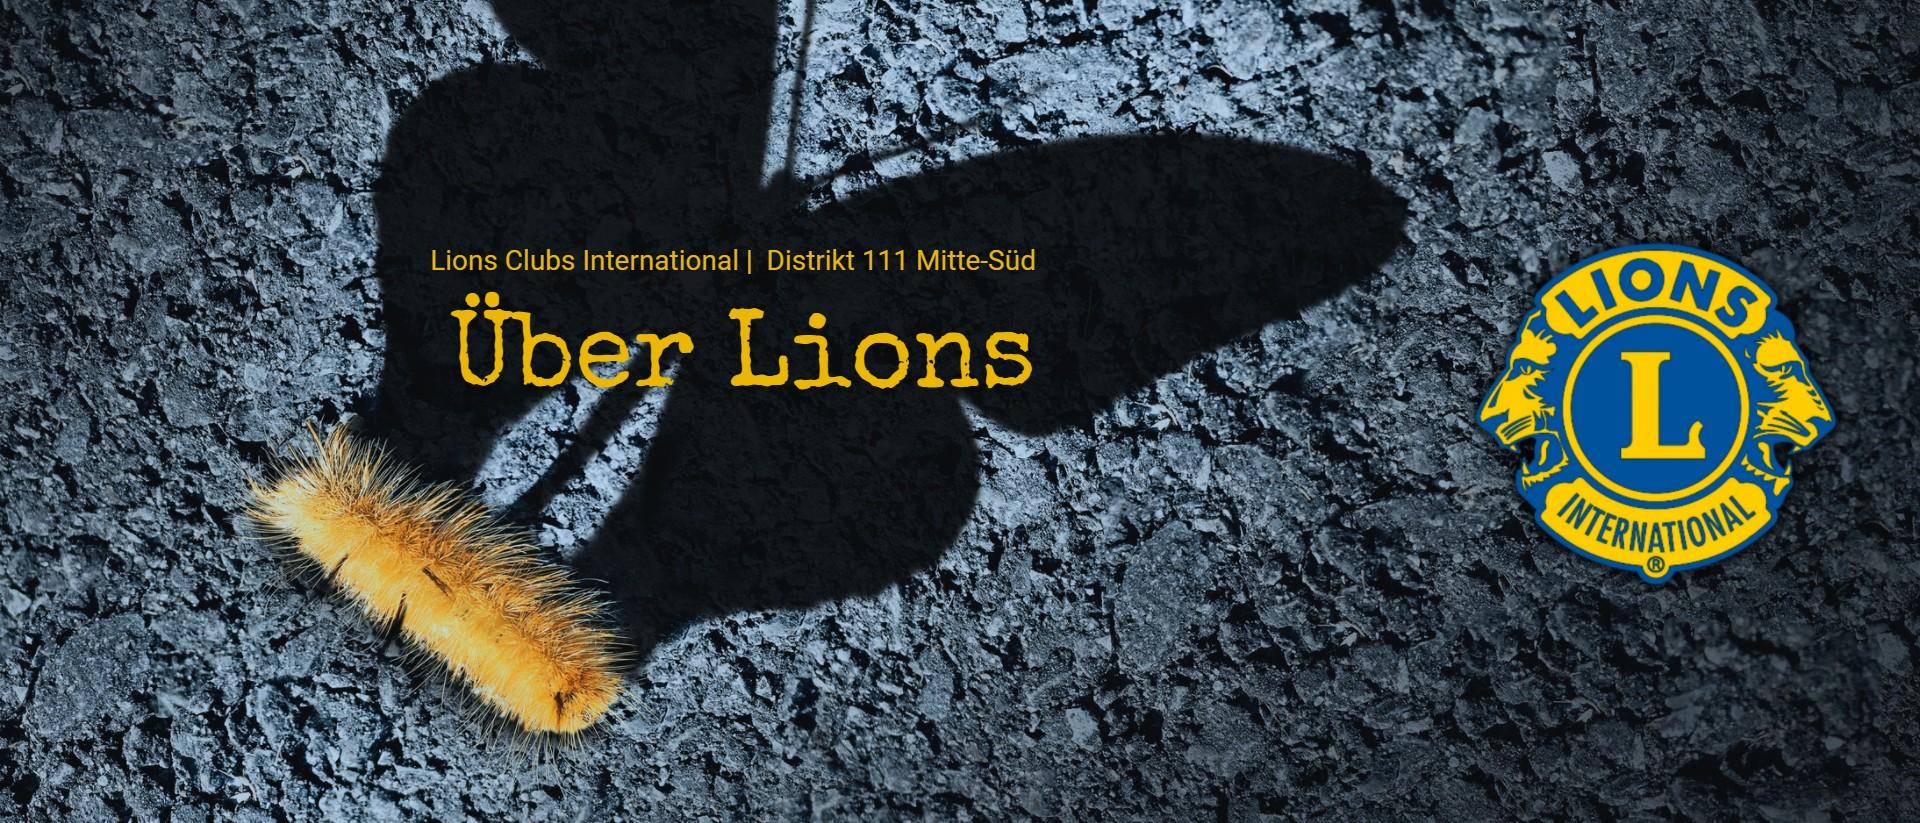 """Schmetterlingslarve wirft einen Schmetterlingsschatten, Titel """"Über Lions"""", Lions Logo"""